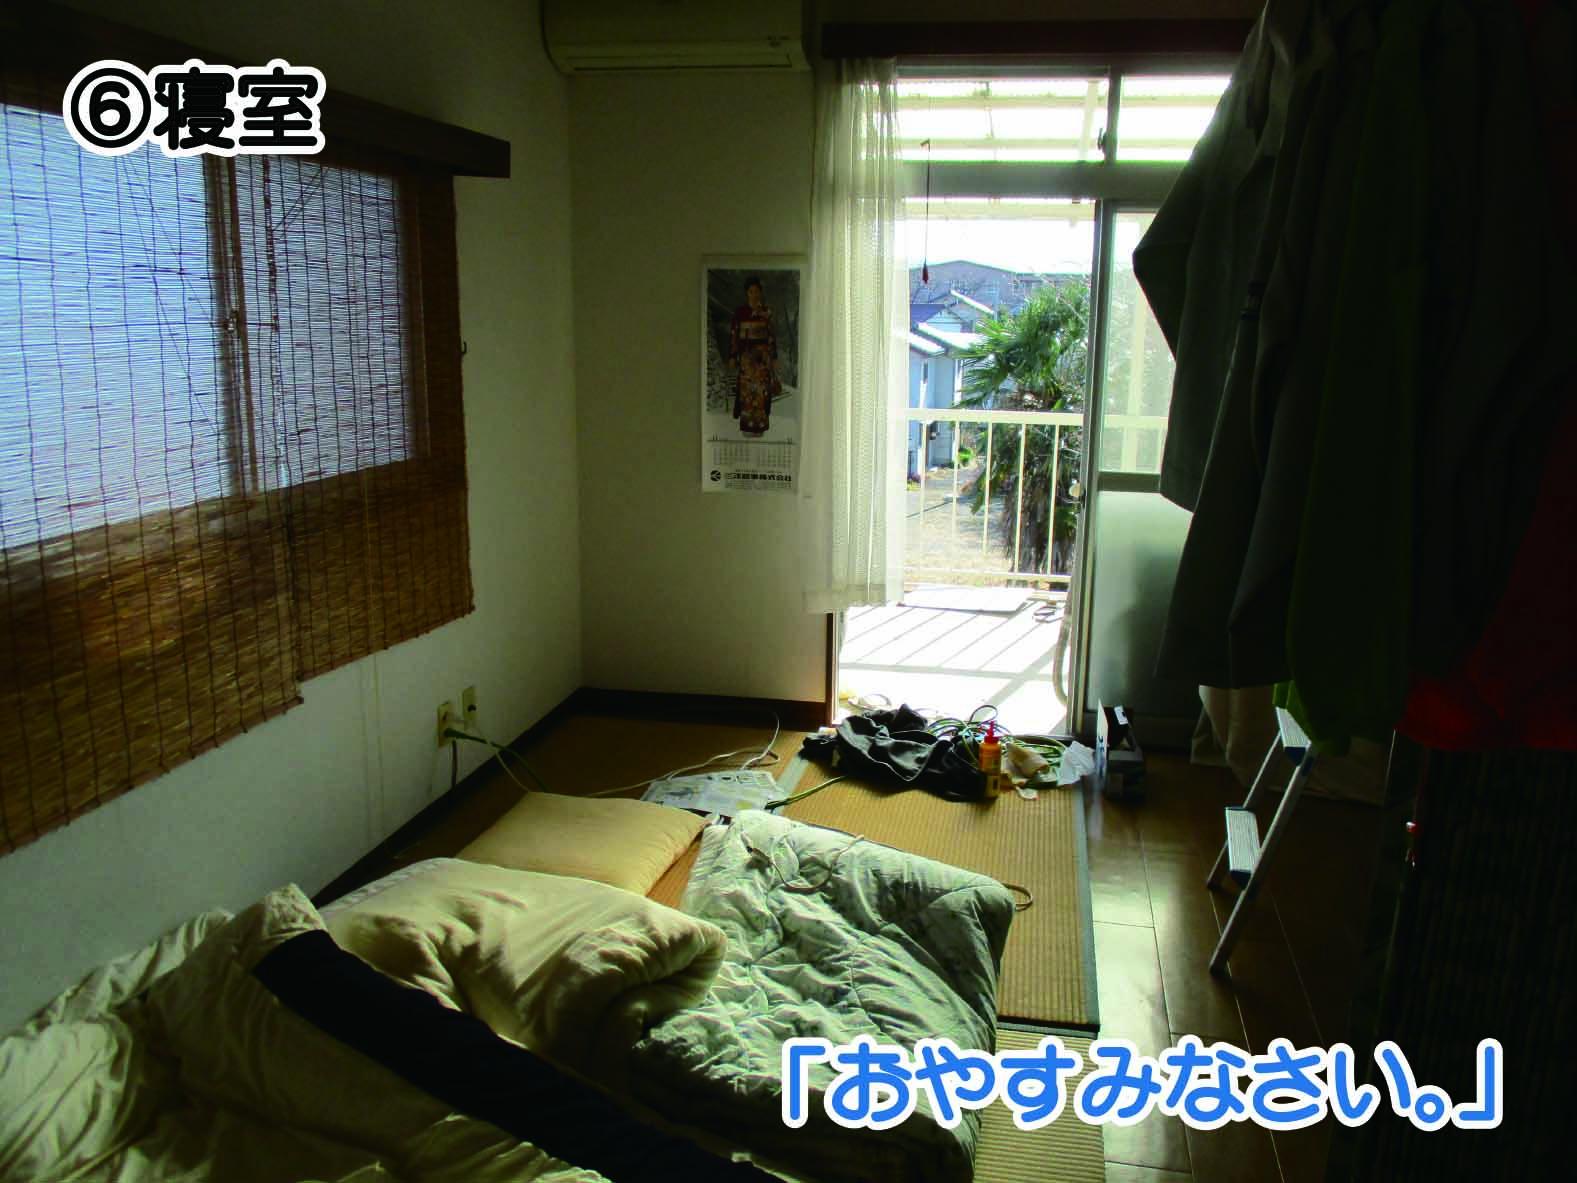 ⑥寝室 渋川